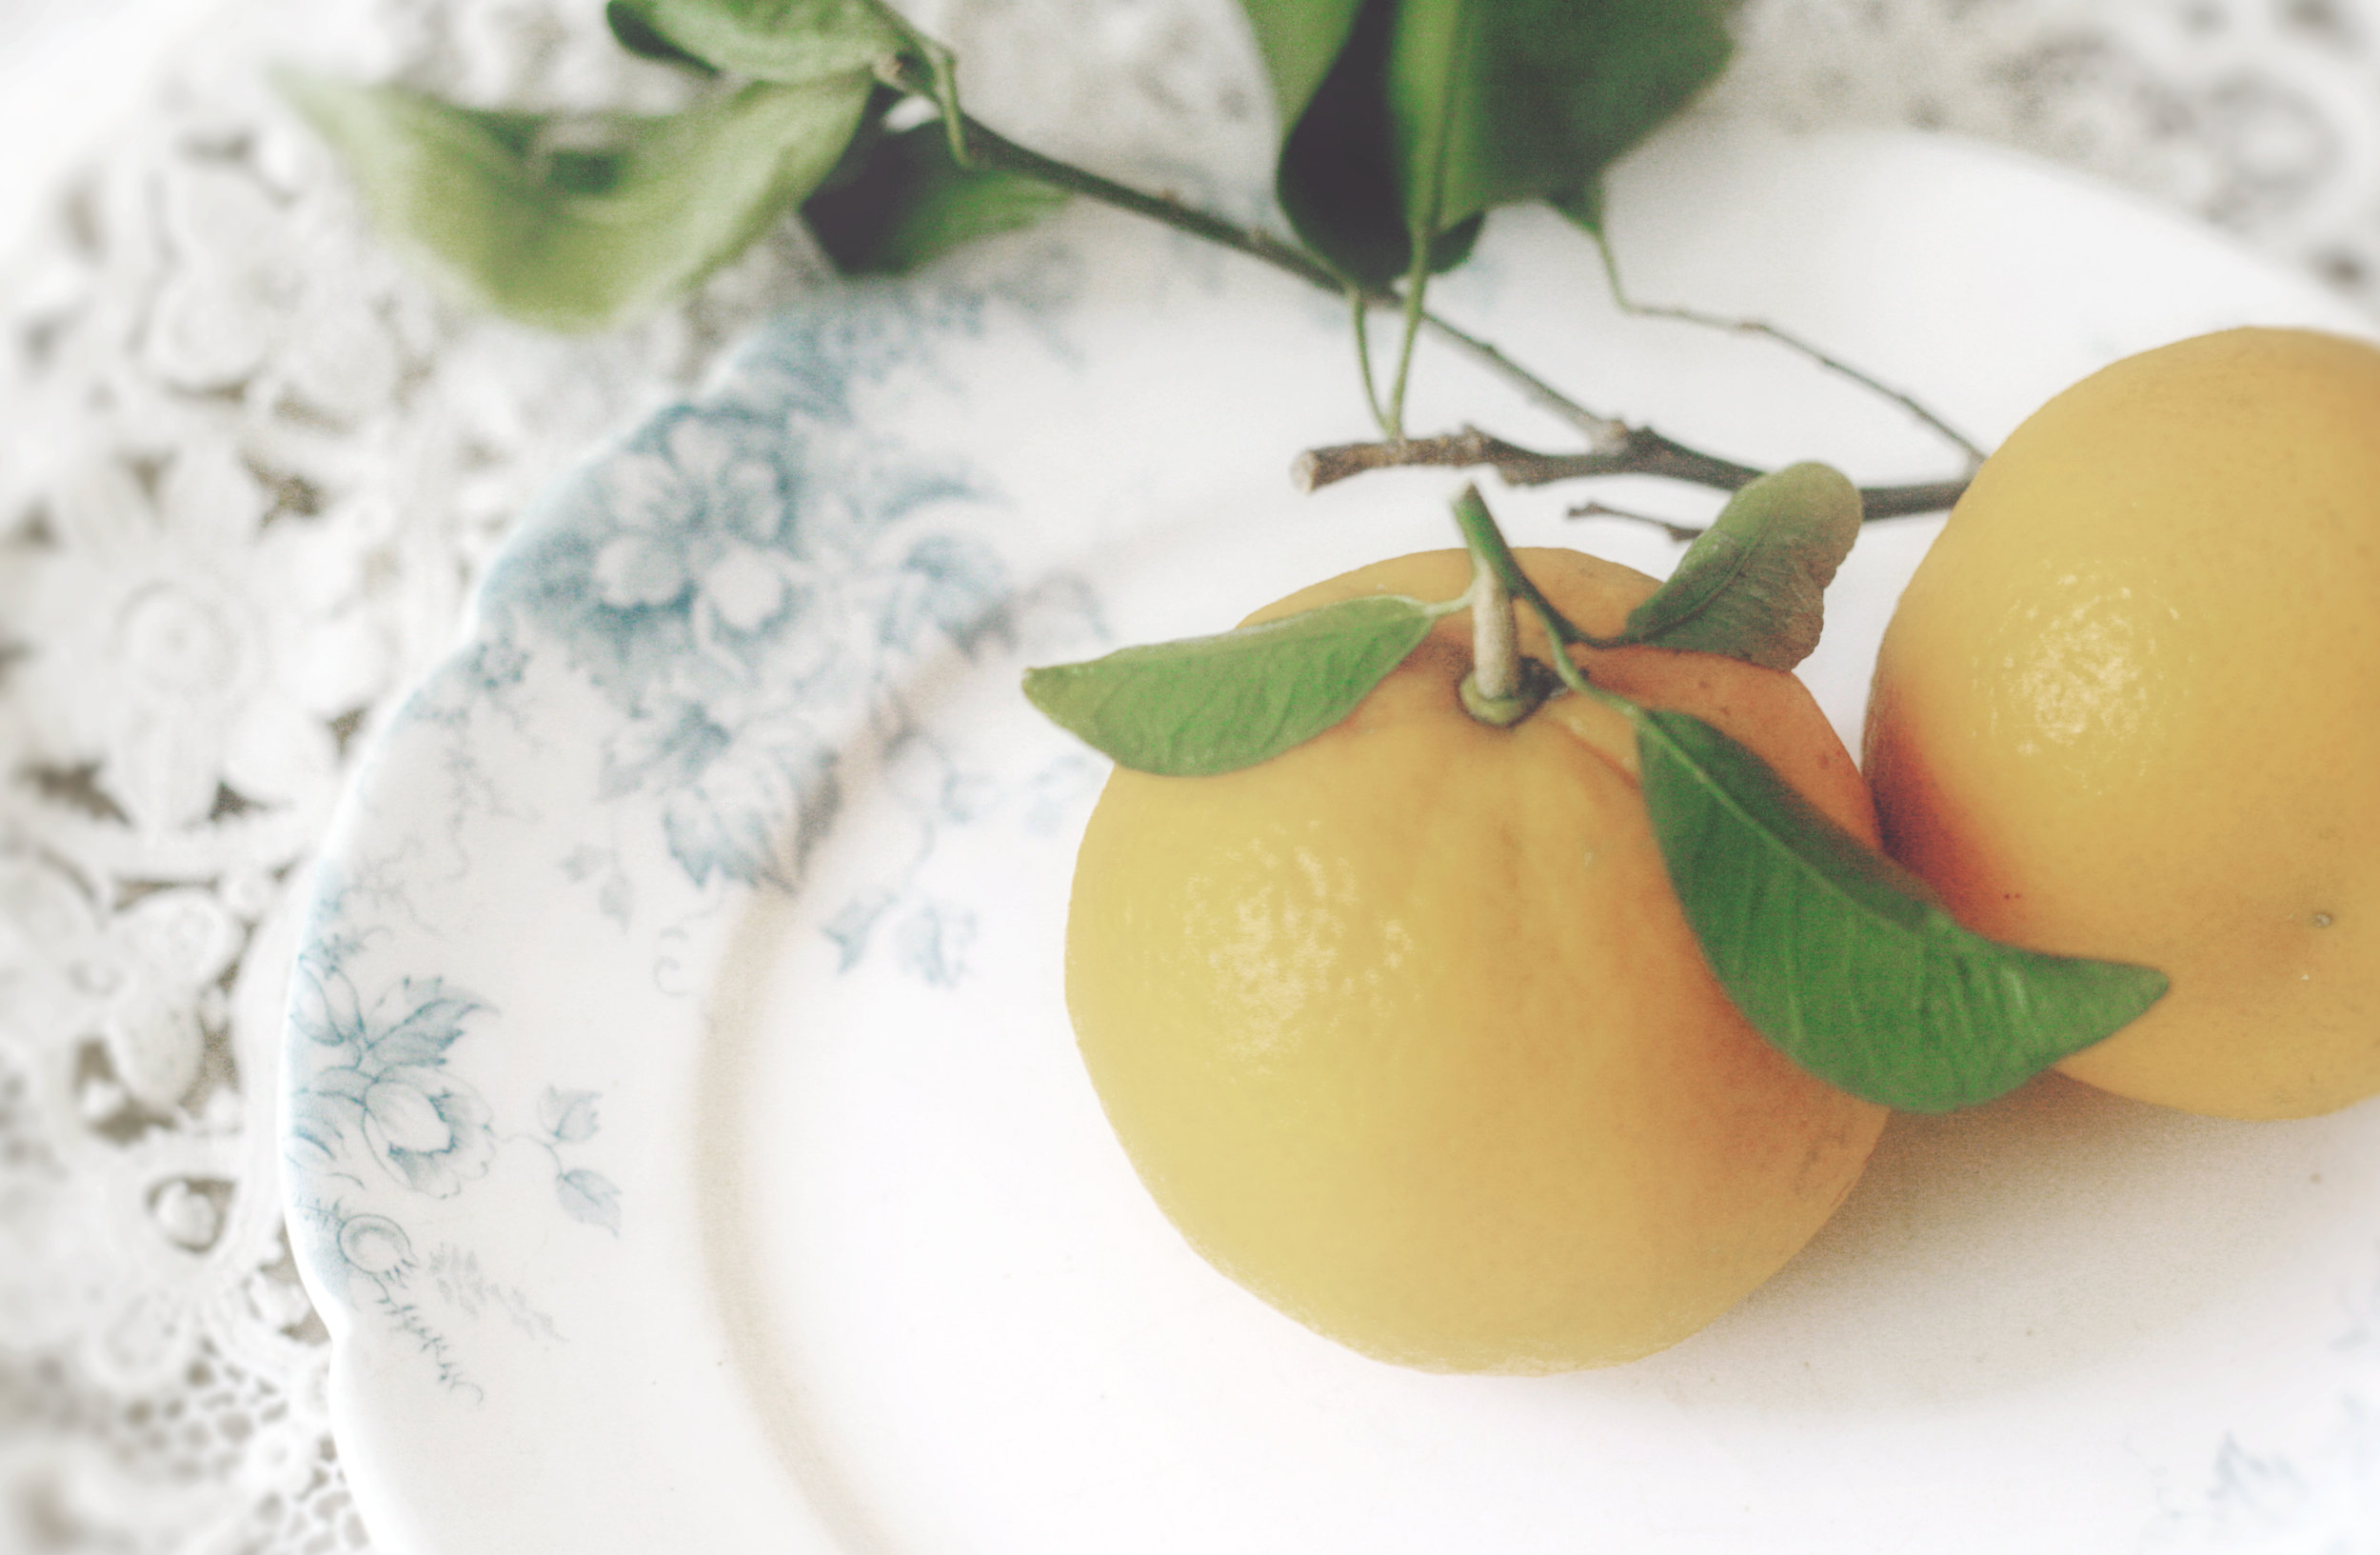 mandarin2